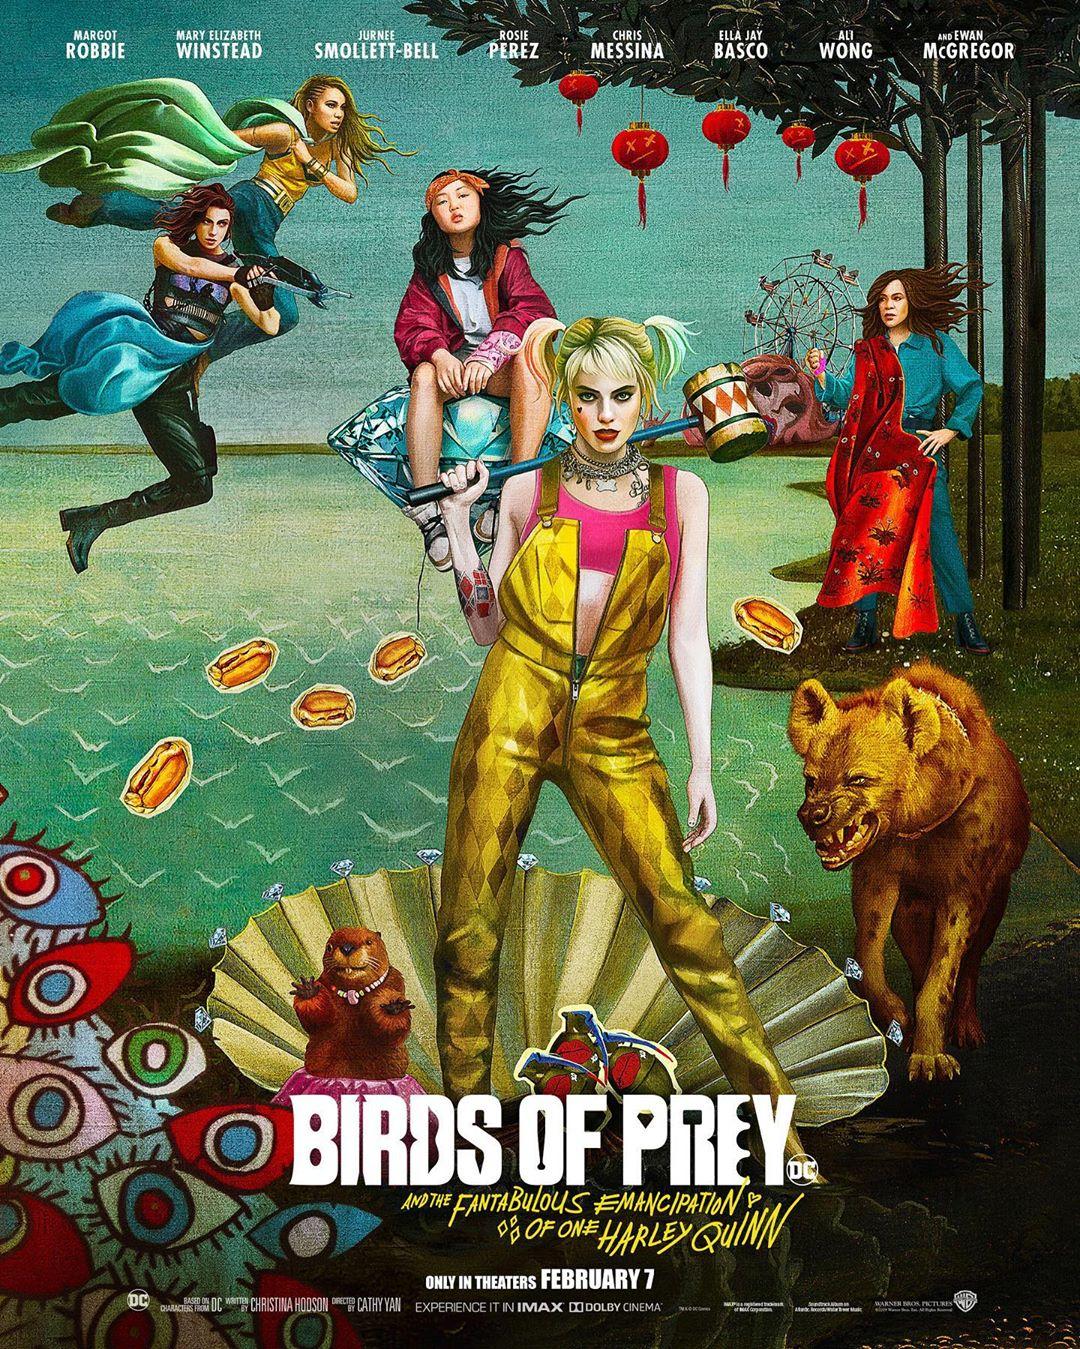 專訪/《猛禽小隊》巴西動漫展釋出「好像有梗」的最新海報